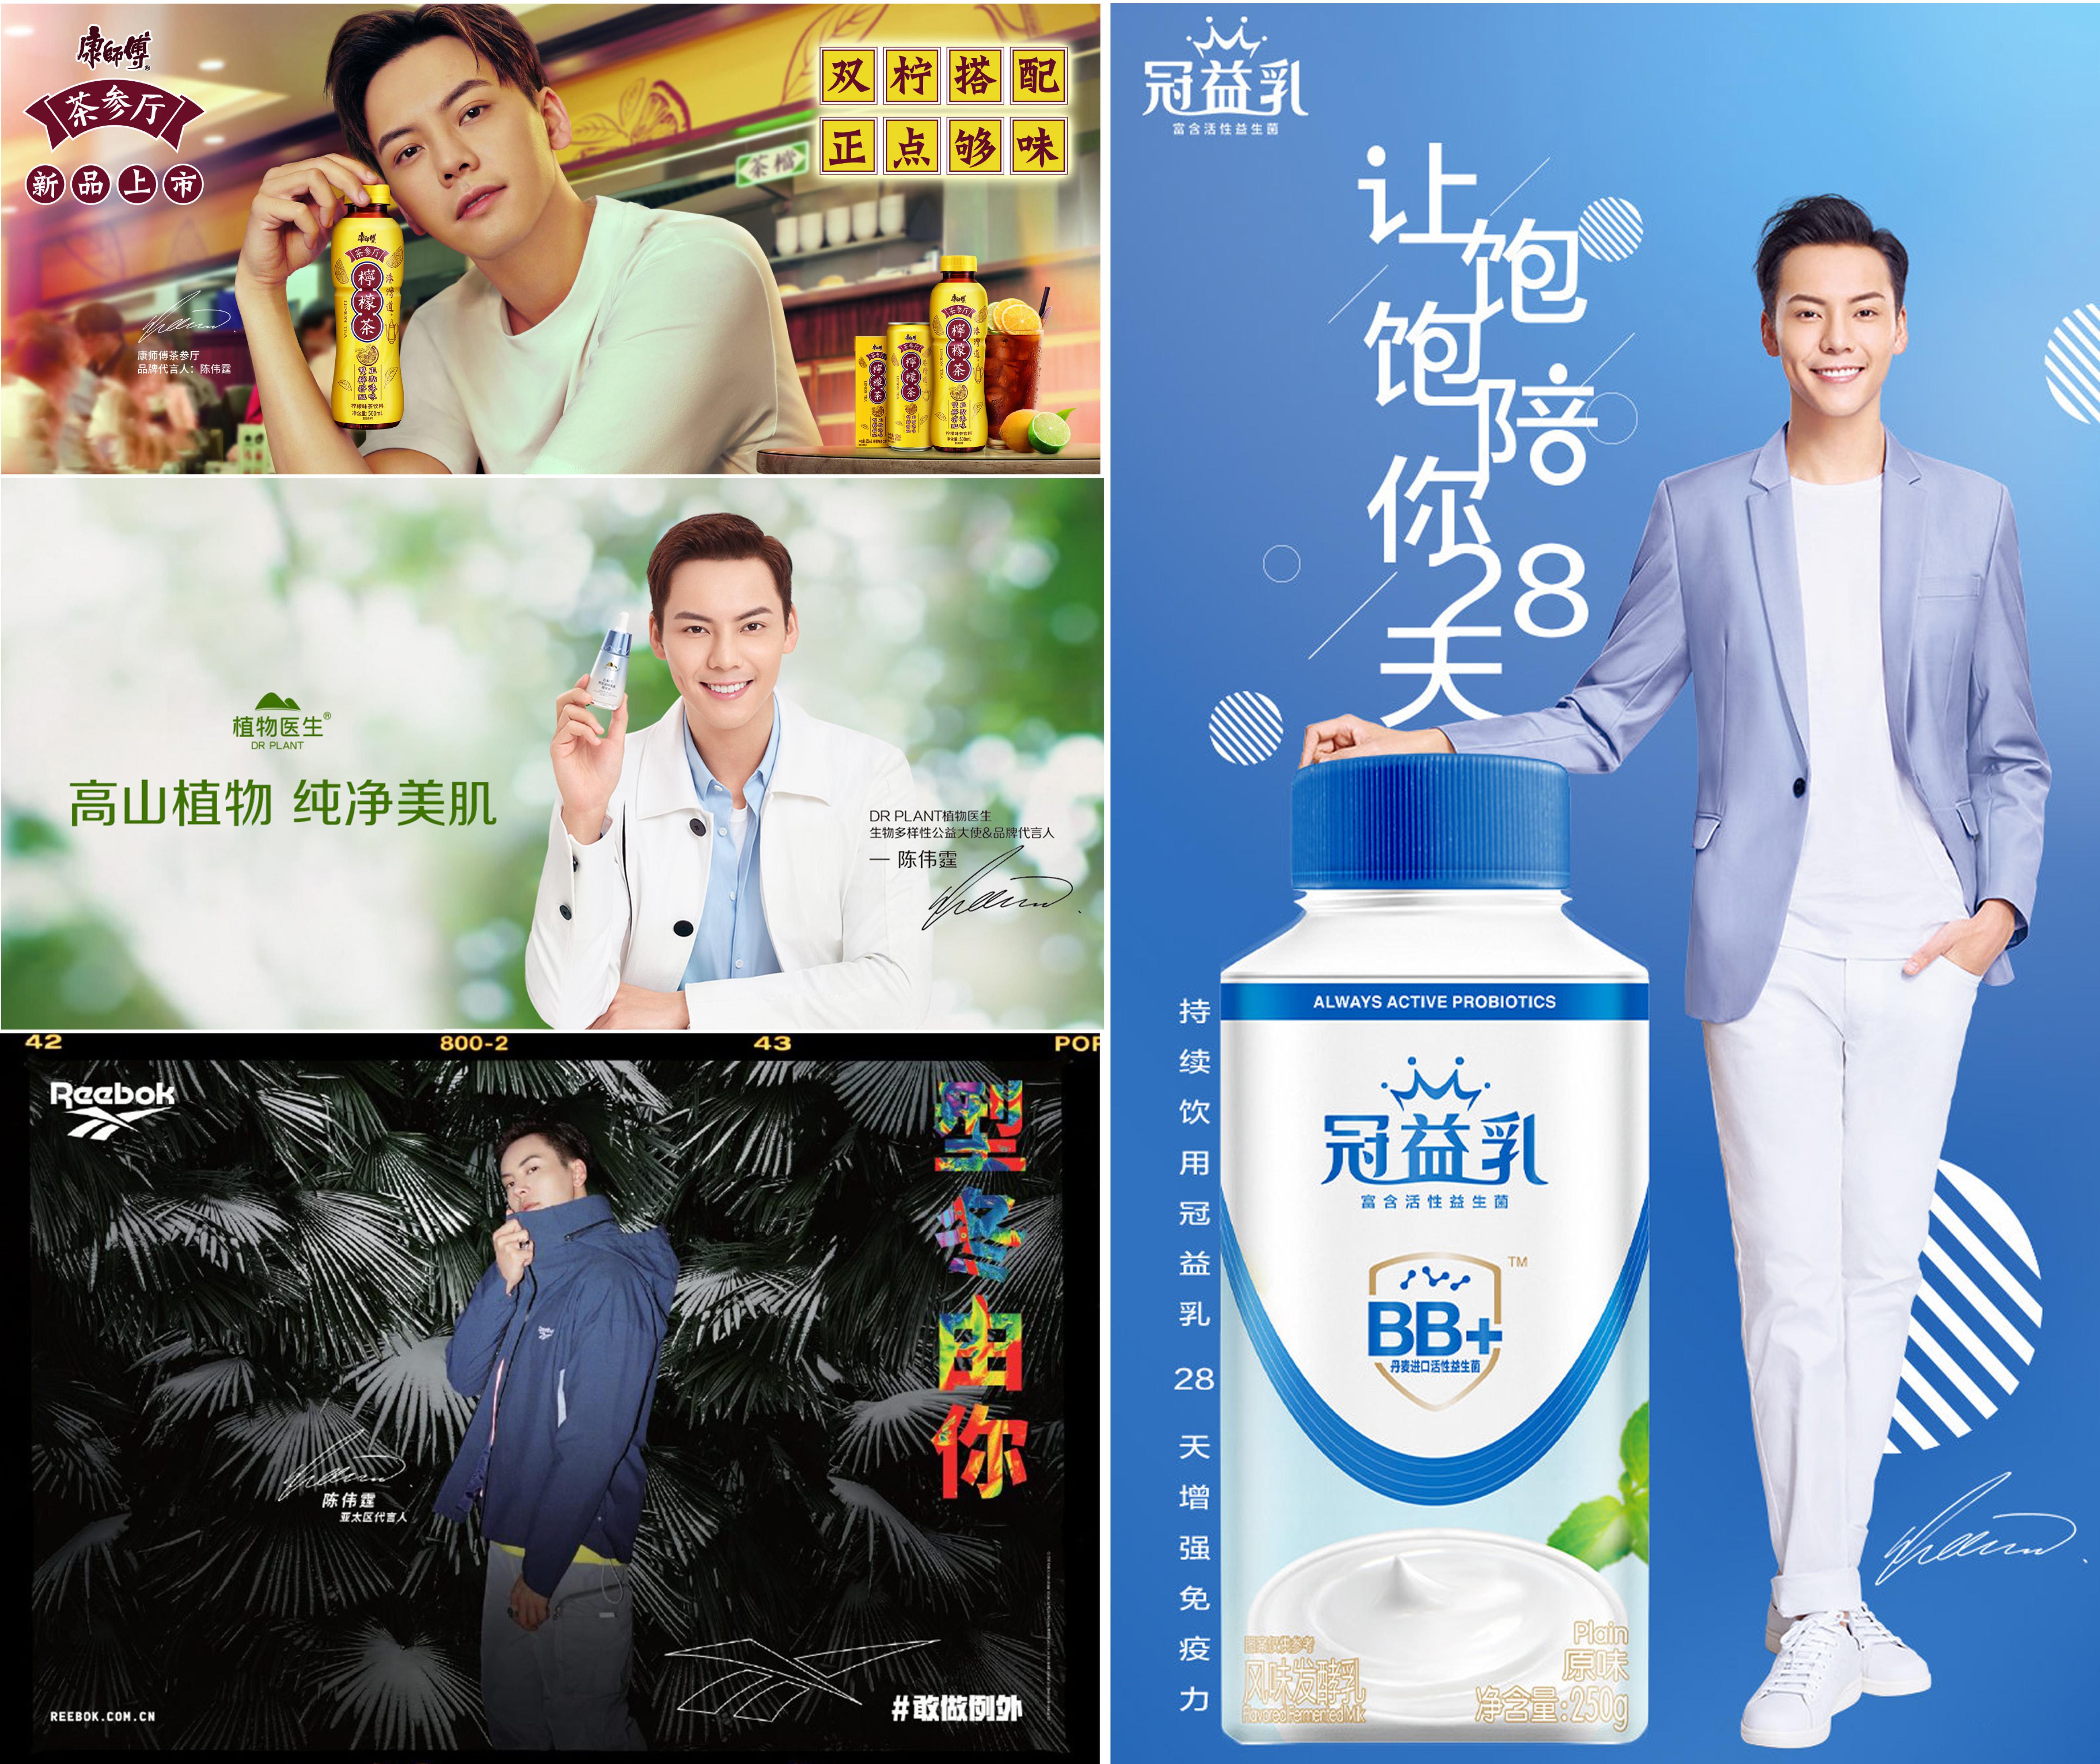 陈伟霆又双叒叕受邀参加央视春晚 强大的商业影响力再次认证